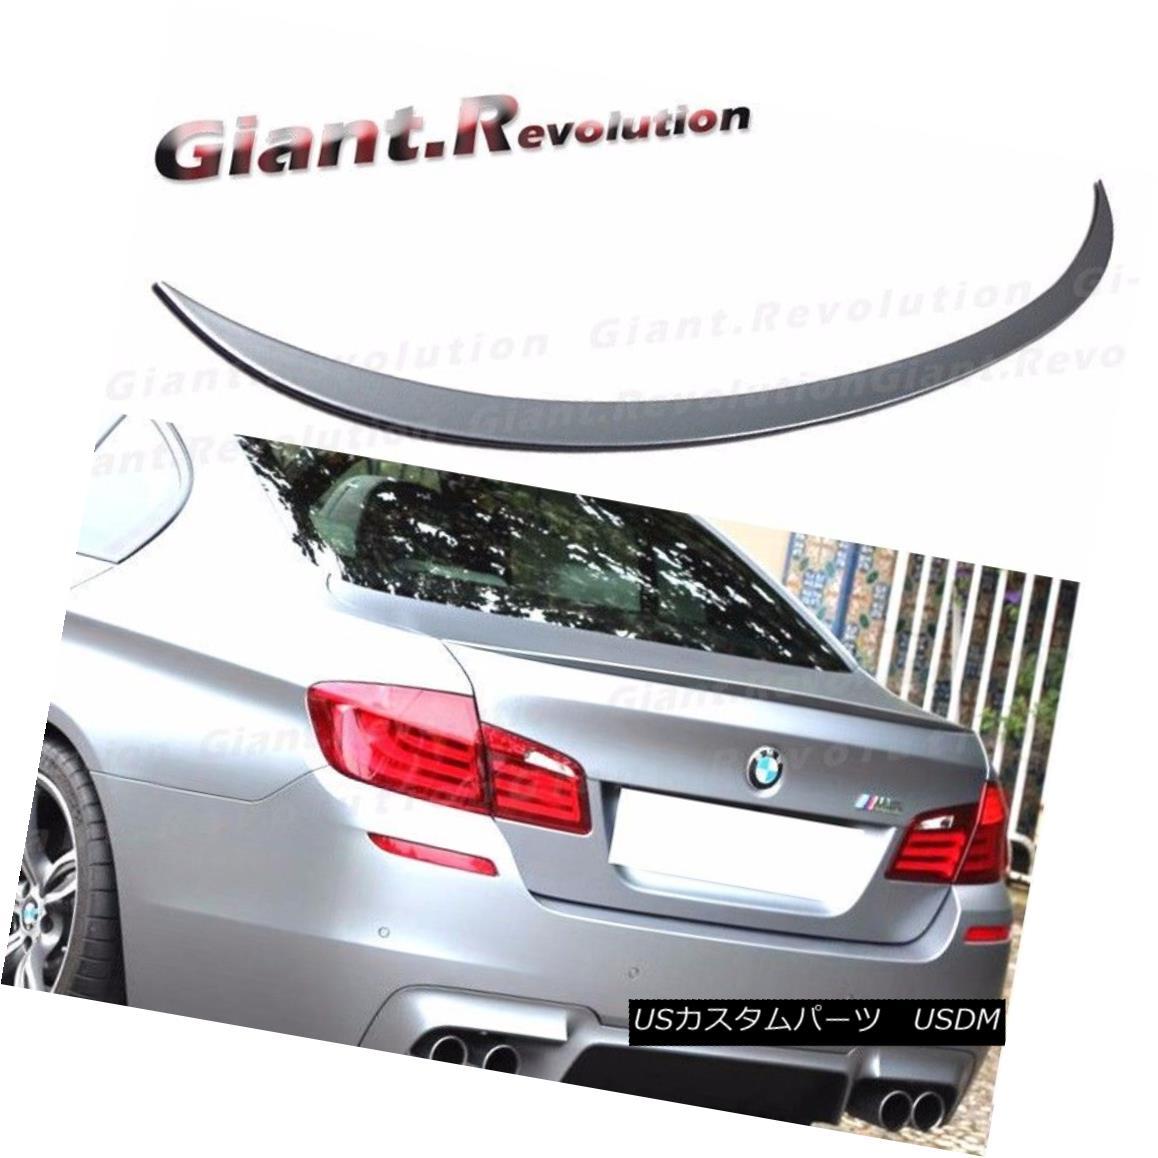 エアロパーツ #A52 Space Gray M Style Trunk Spoiler For BMW 11-16 F10 528i 535i 520i Deck Lids #A52スペースグレーMスタイルのトランク・スポイラー、BMW用11-16 F10 528i 535i 520iデッキ・フード